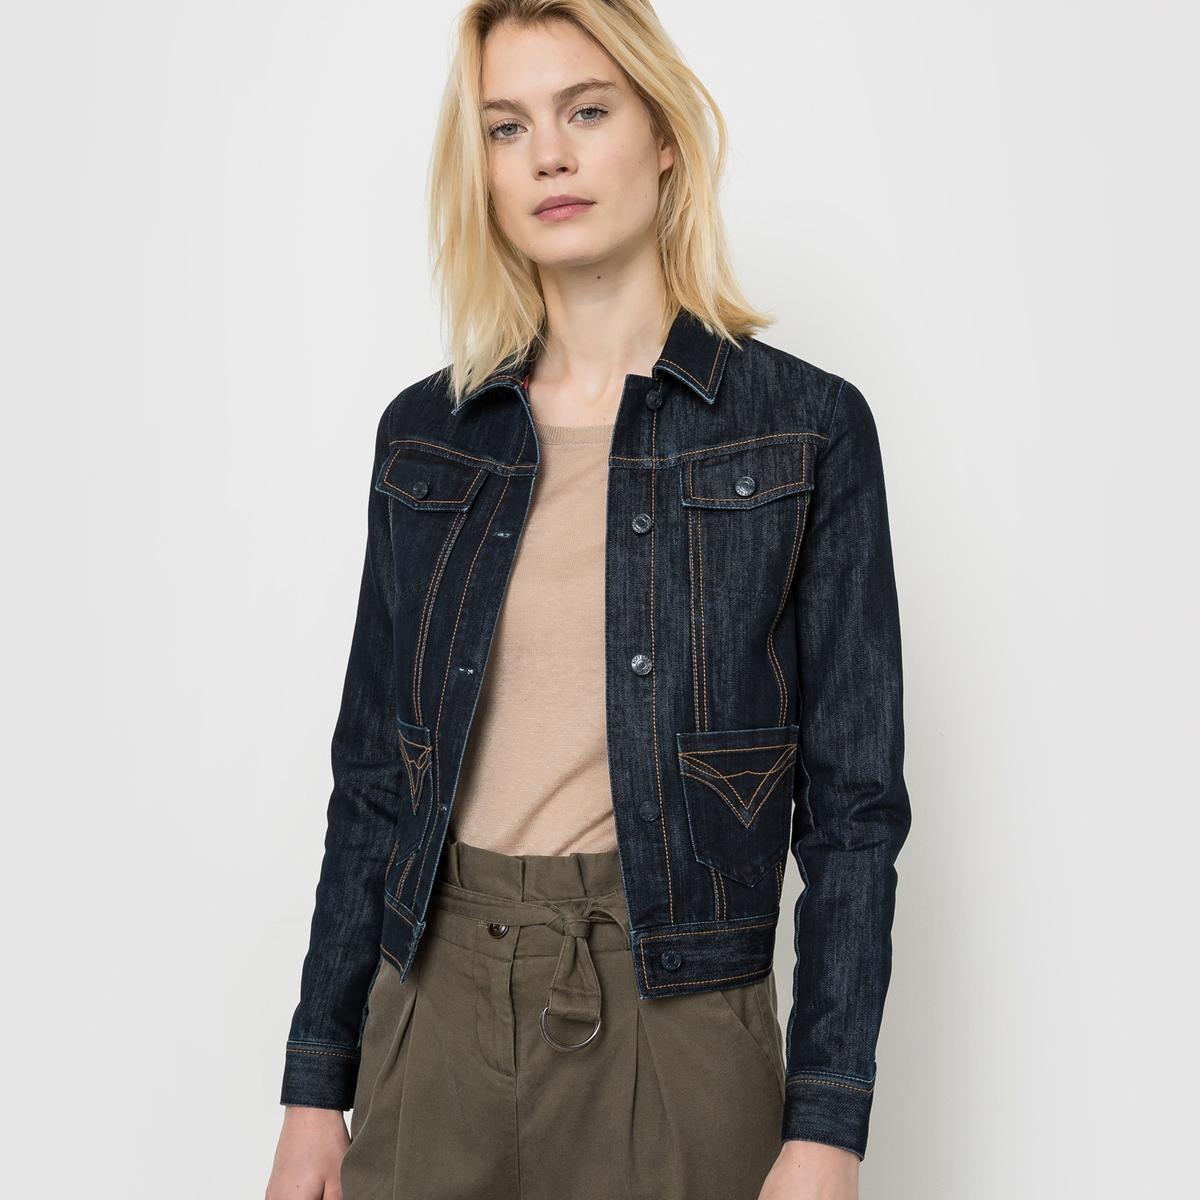 Жакет короткий джинсовыйНеобходимая модель для Вашего гардероба.<br><br>Цвет: темно-синий<br>Размер: 36 (FR) - 42 (RUS).38 (FR) - 44 (RUS)